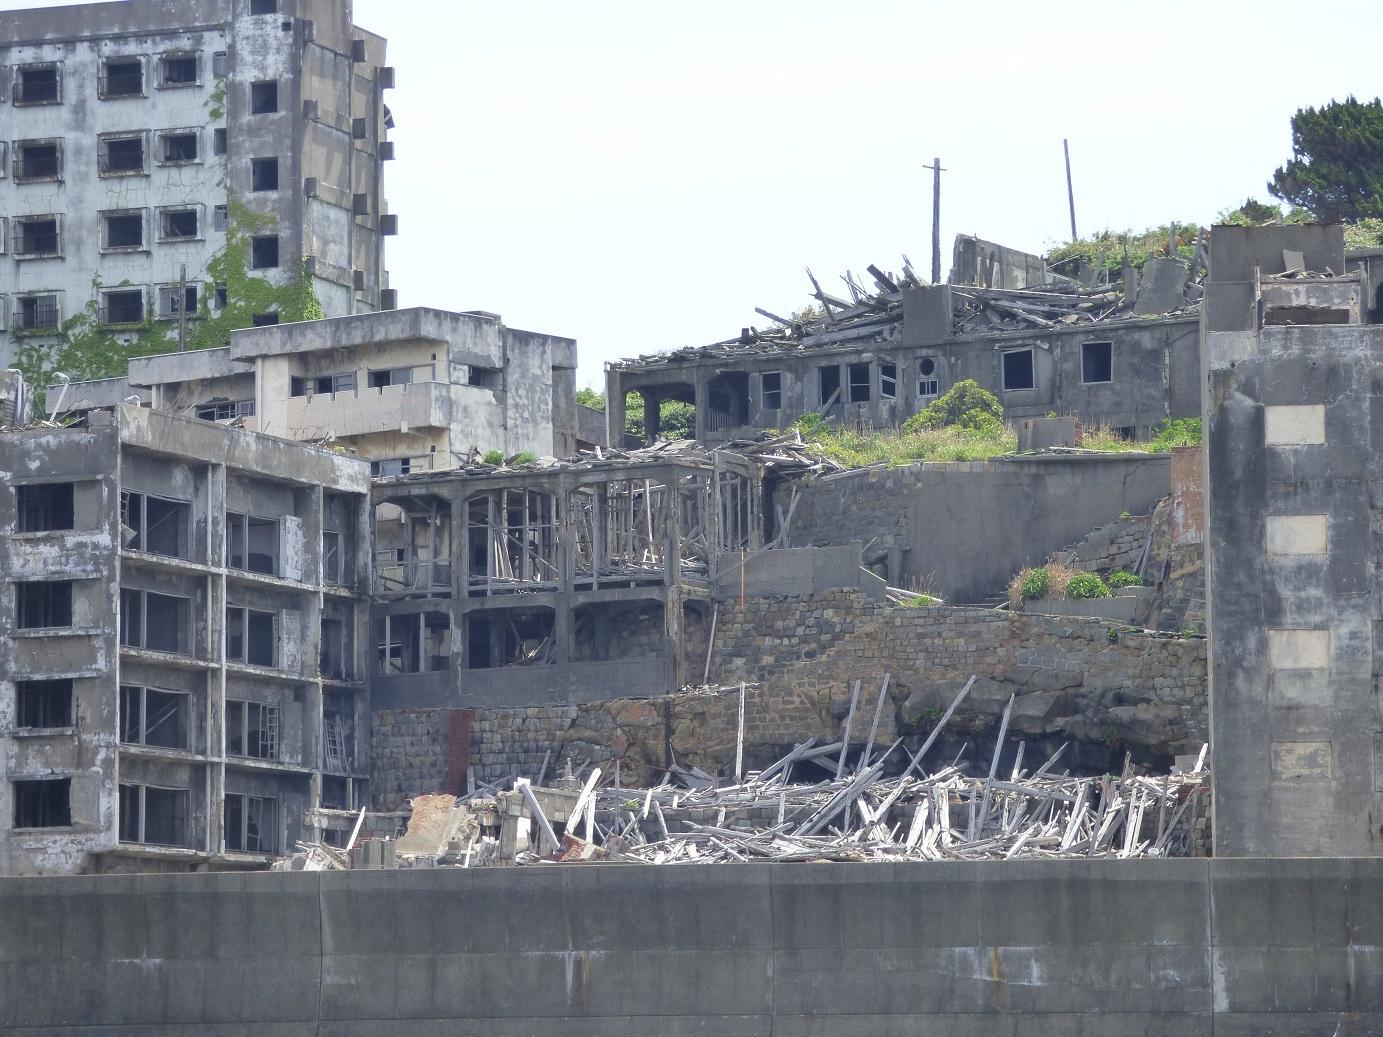 これは鉄骨造2階建てだった50号棟(映画館)や木造2階建ての23号棟(寺院など)があった付近の様子です。 右端に少しだけ写っているのが鉄筋コンクリート造6階建ての31